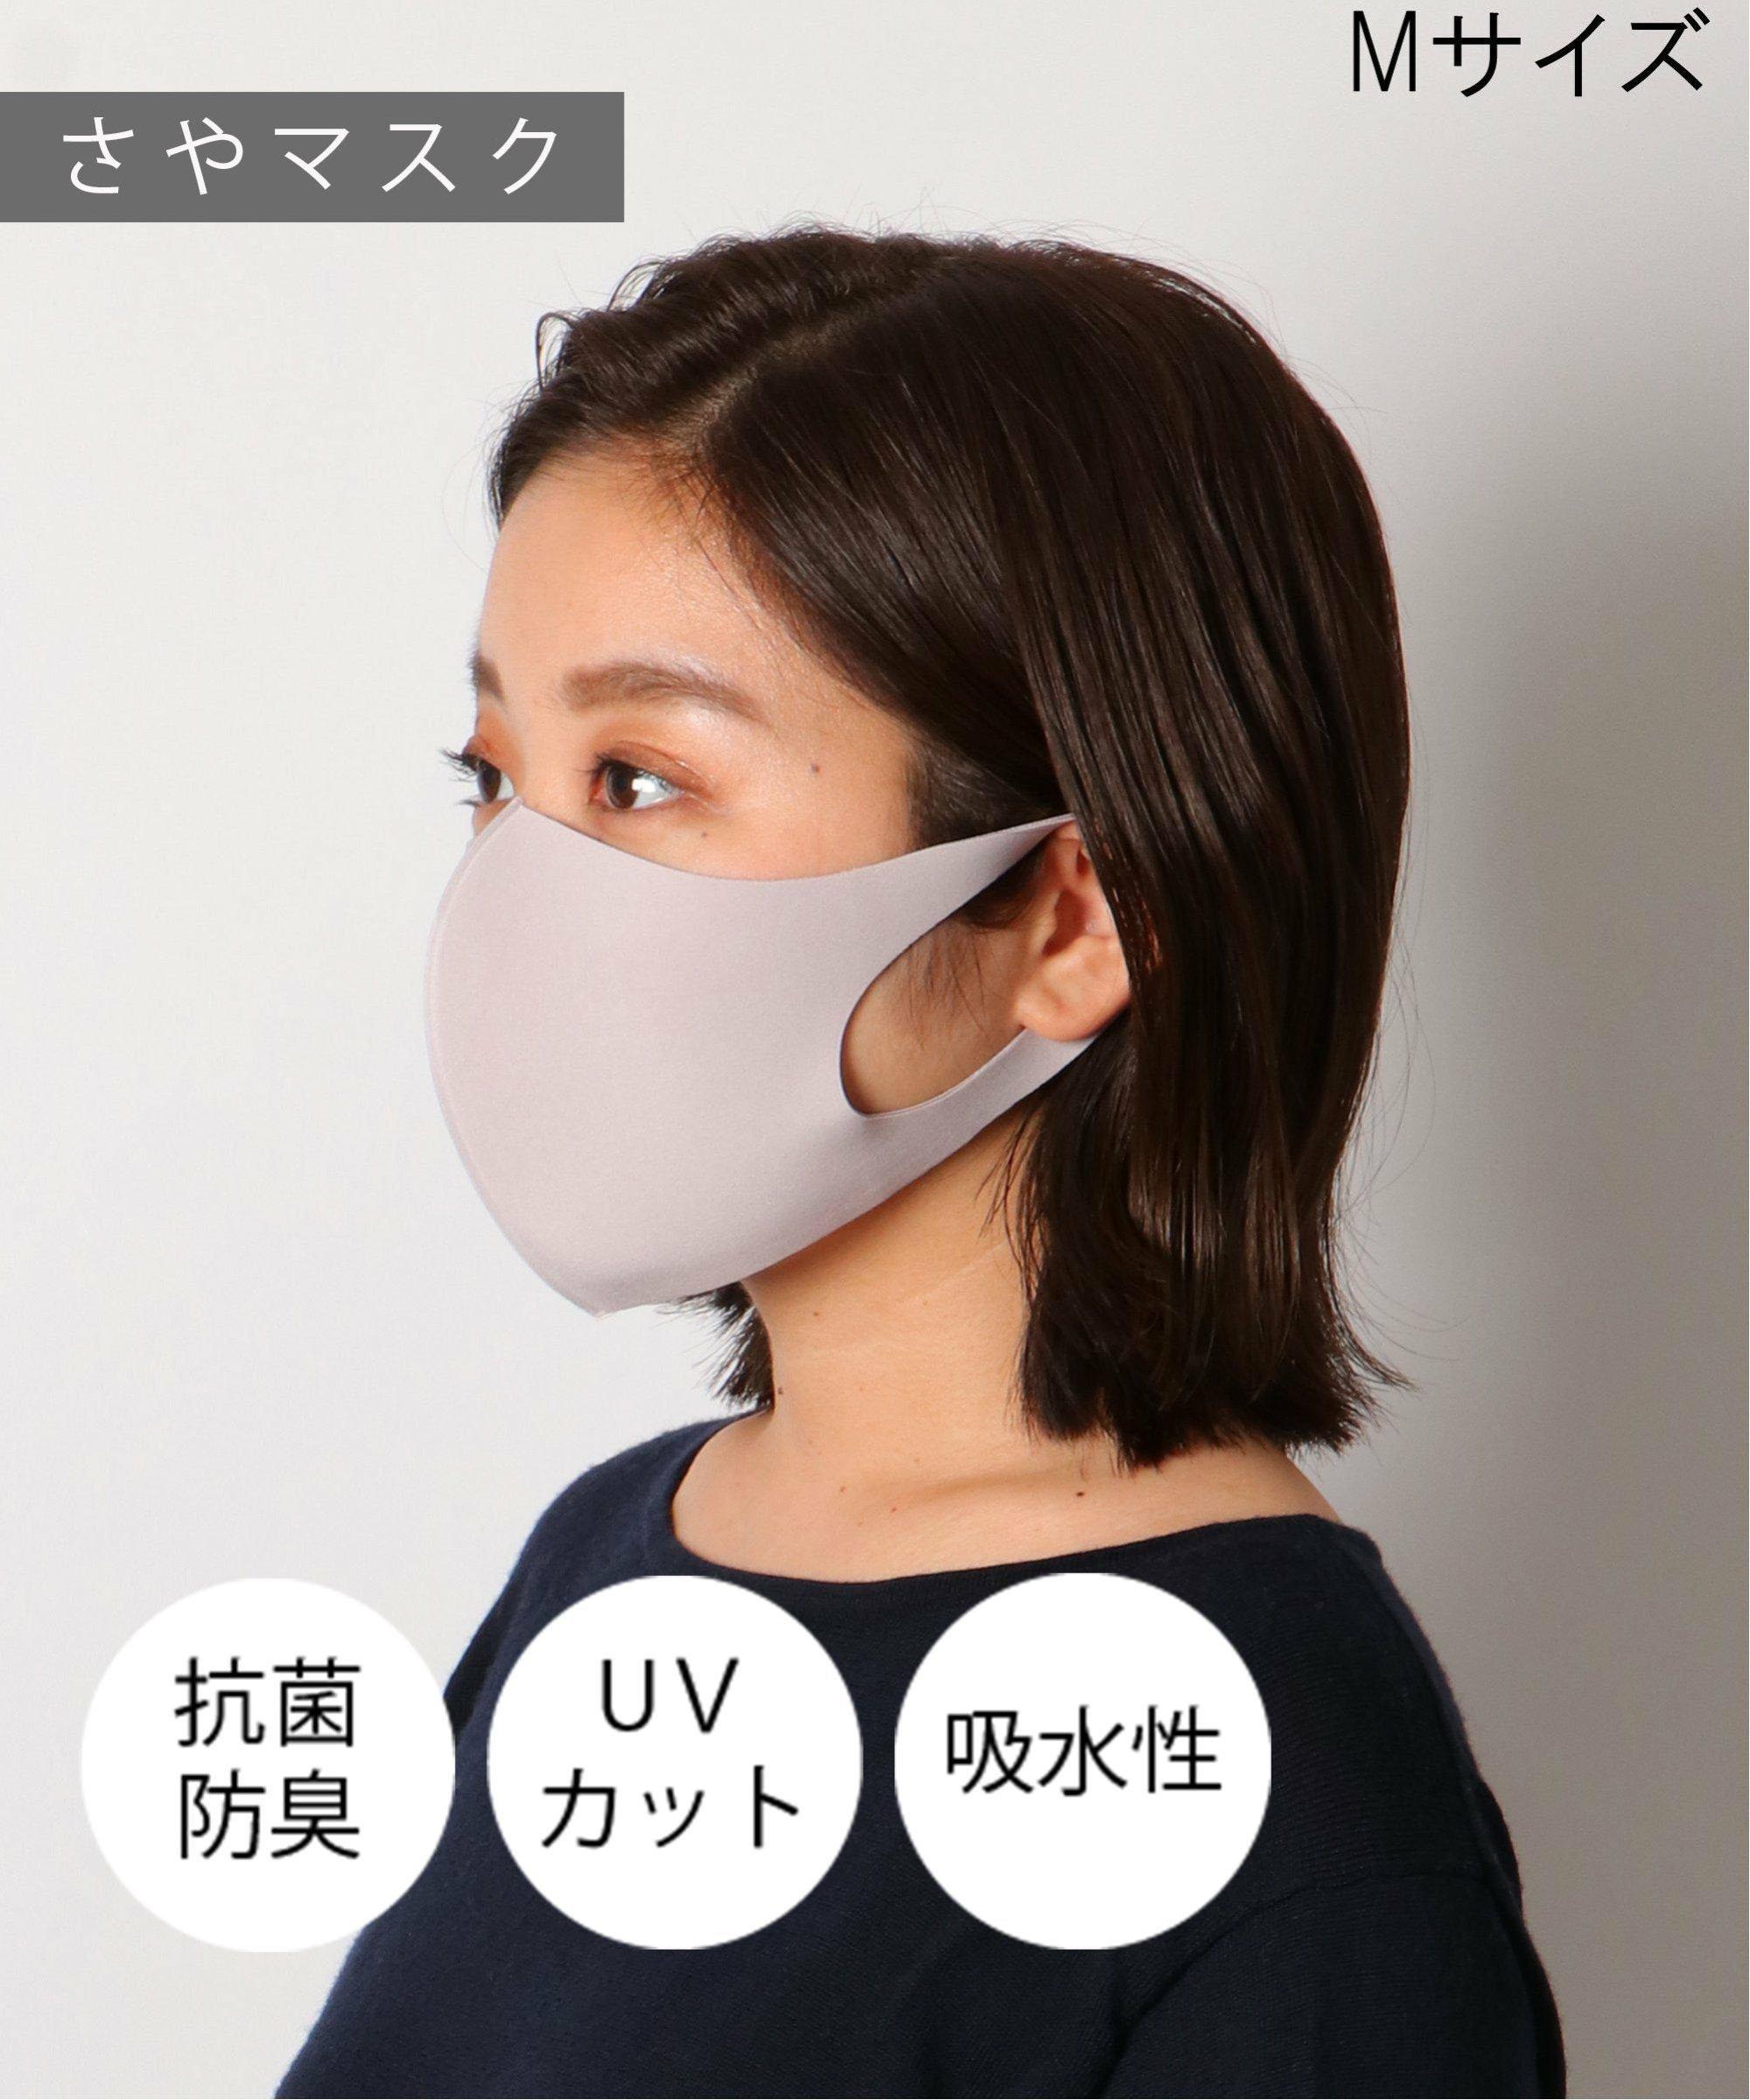 【おとな用】 清マスク(さやマスク) ミディアムグレー